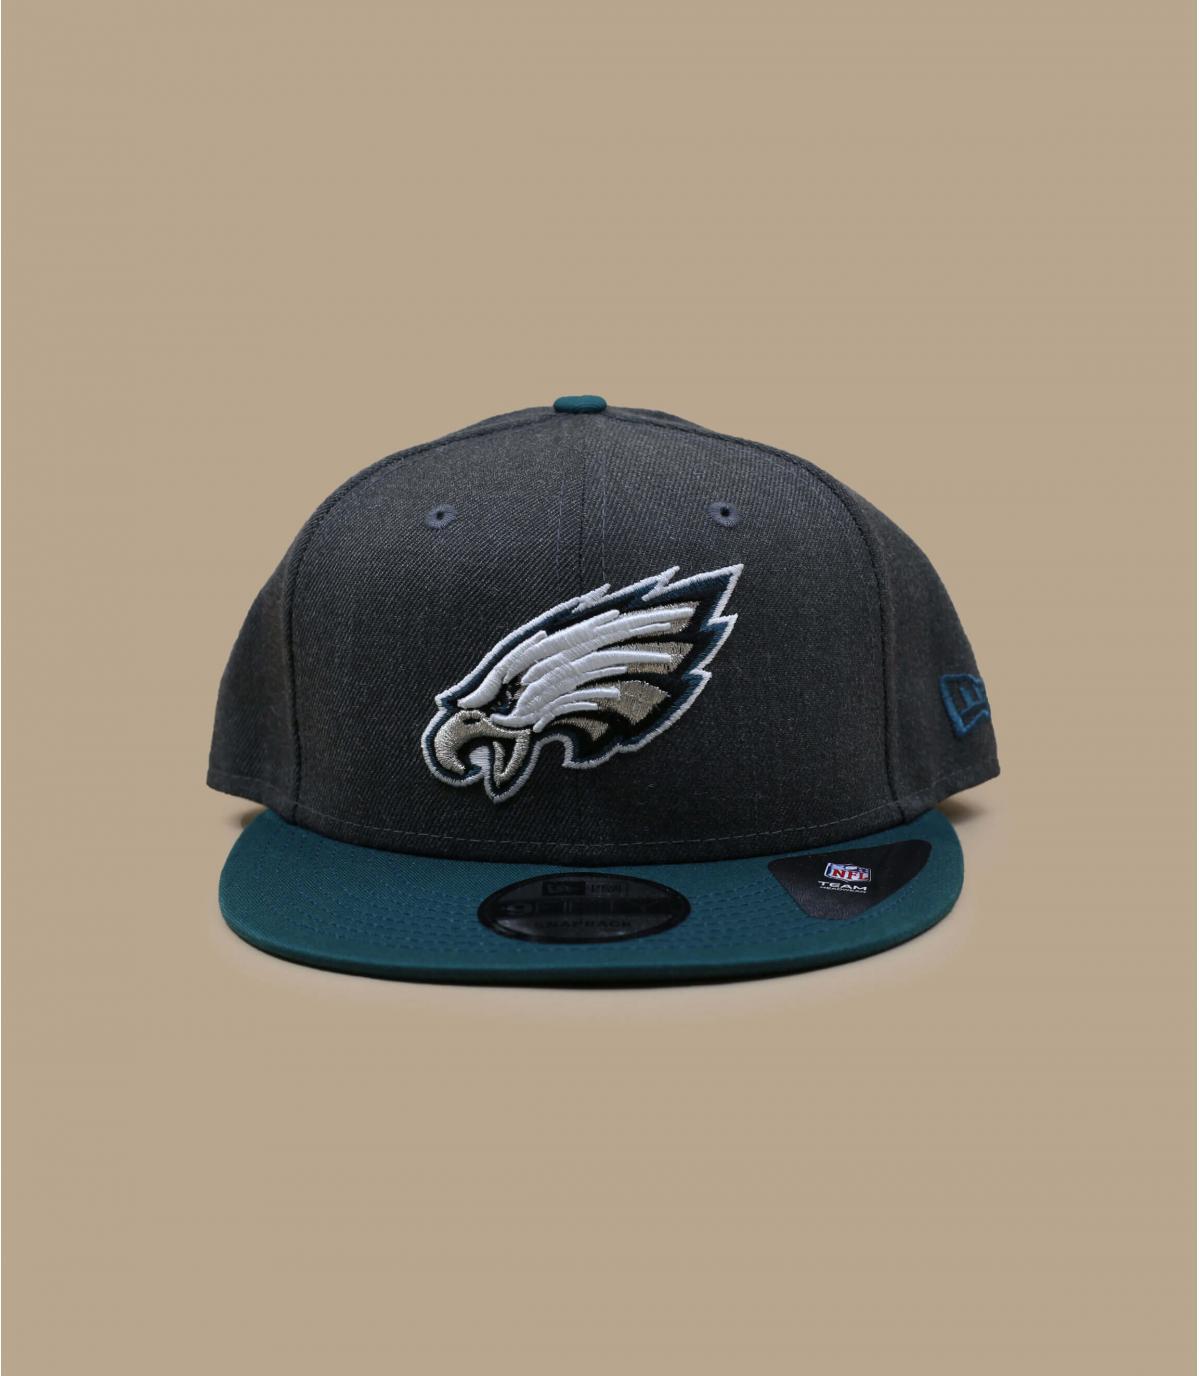 New Era NFL - Compra venta de New Era NFL. Primera sombrerería en línea.  Entrega en 48 72horas. ab881c9d3b2